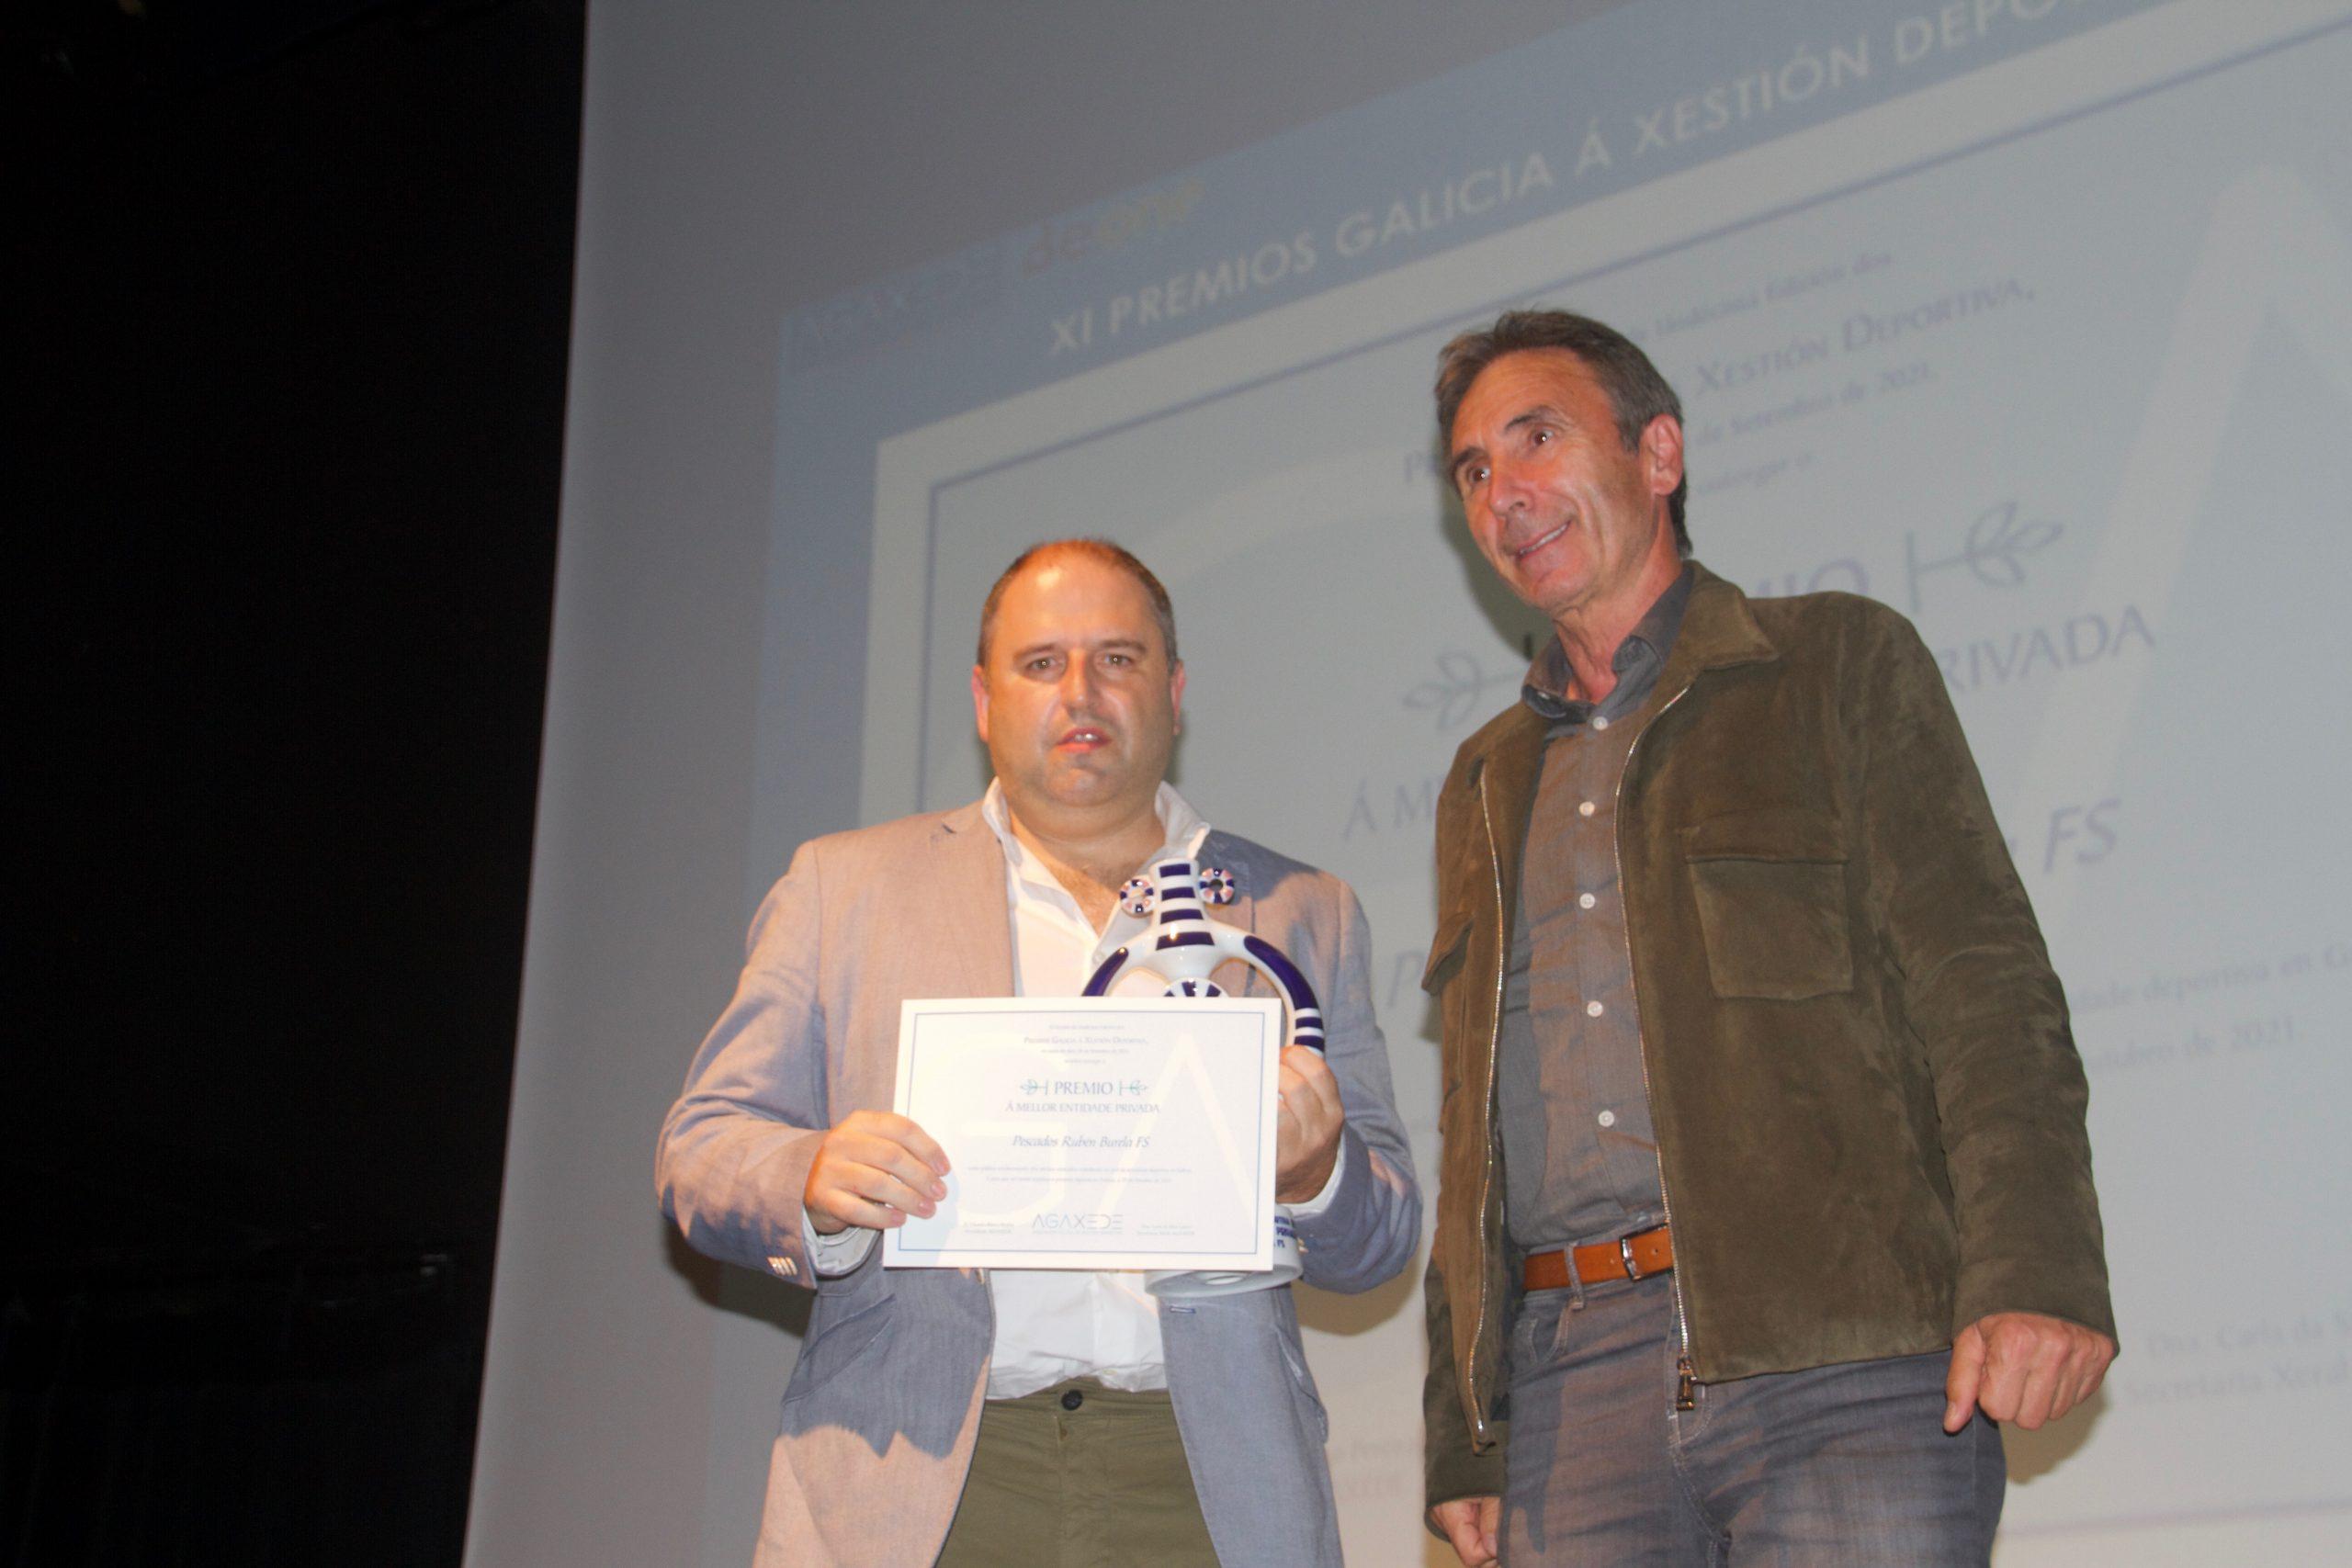 Pescados Rubén, recoñecido nos Premios Galicia á xestión deportiva